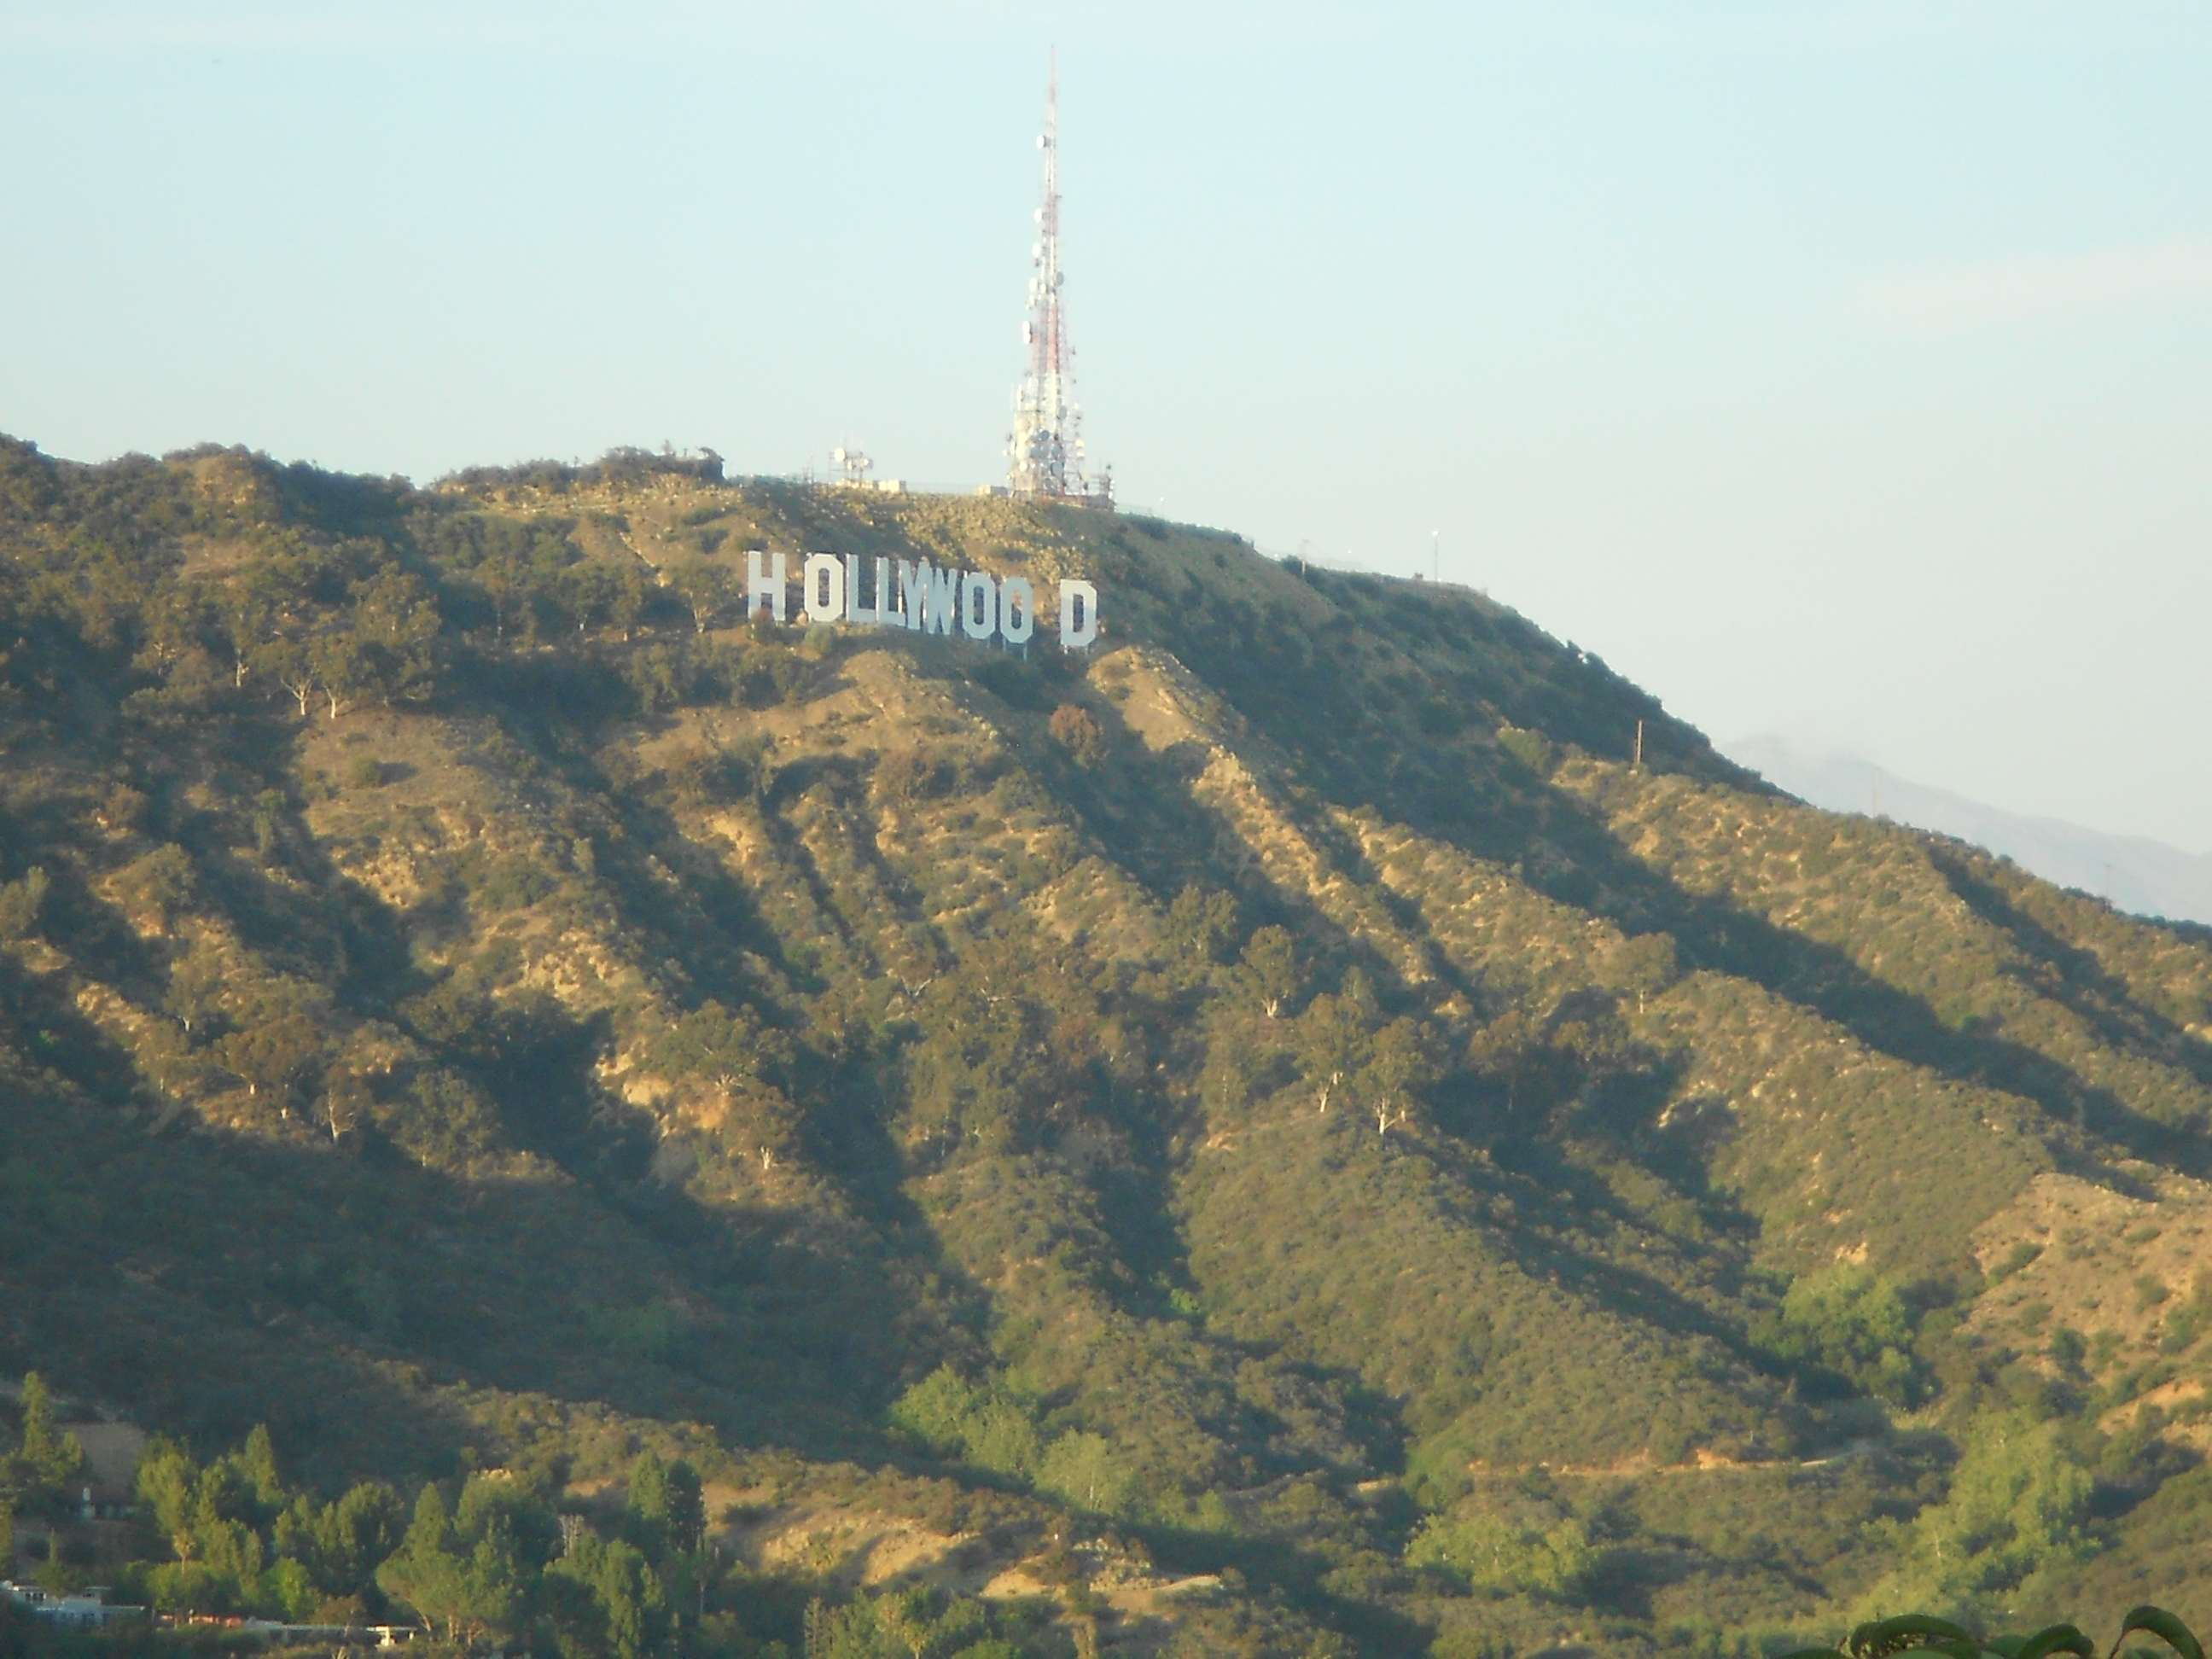 O tal do letreiro de Hollywood. Visto pela Mulholland Drive.